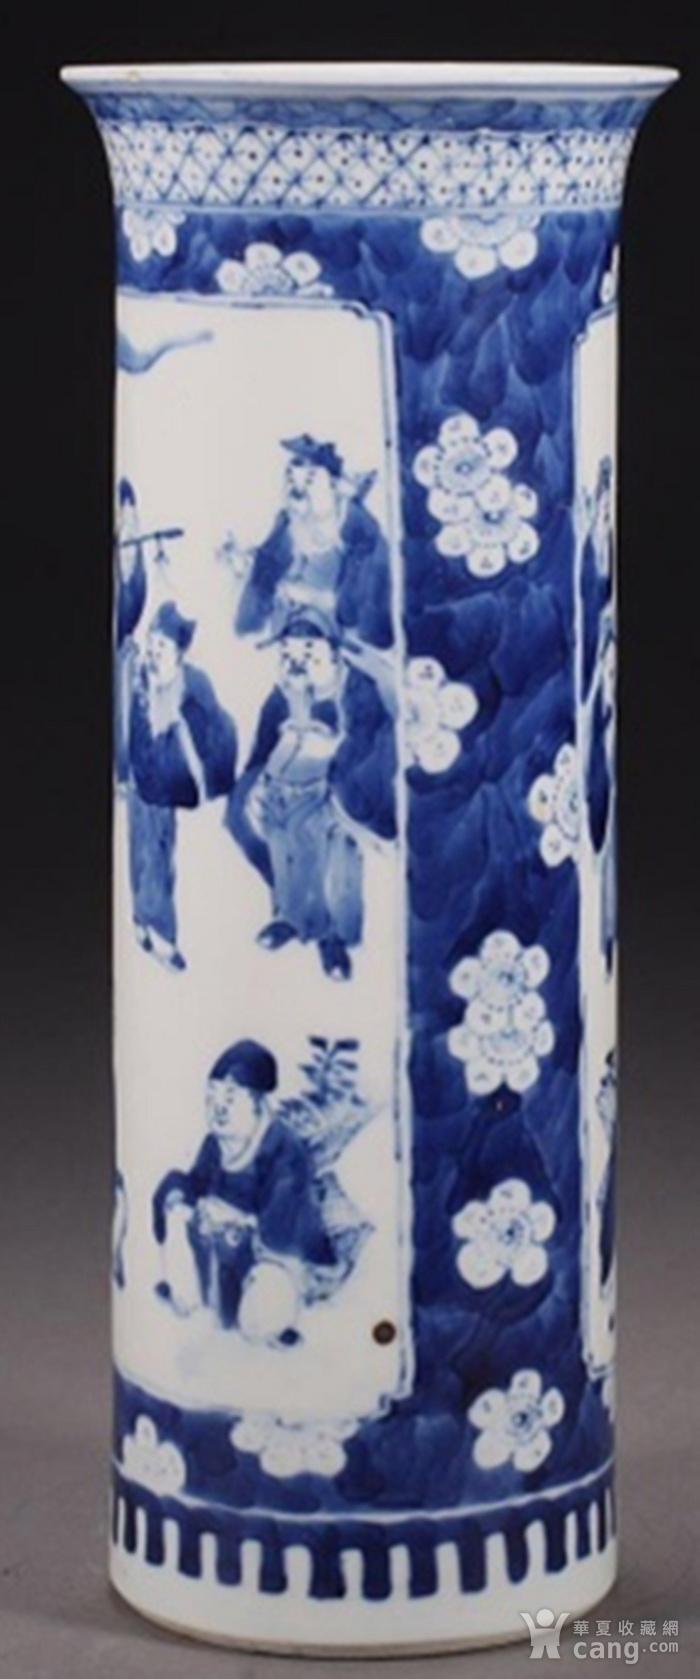 清朝八仙青花筒瓶图6